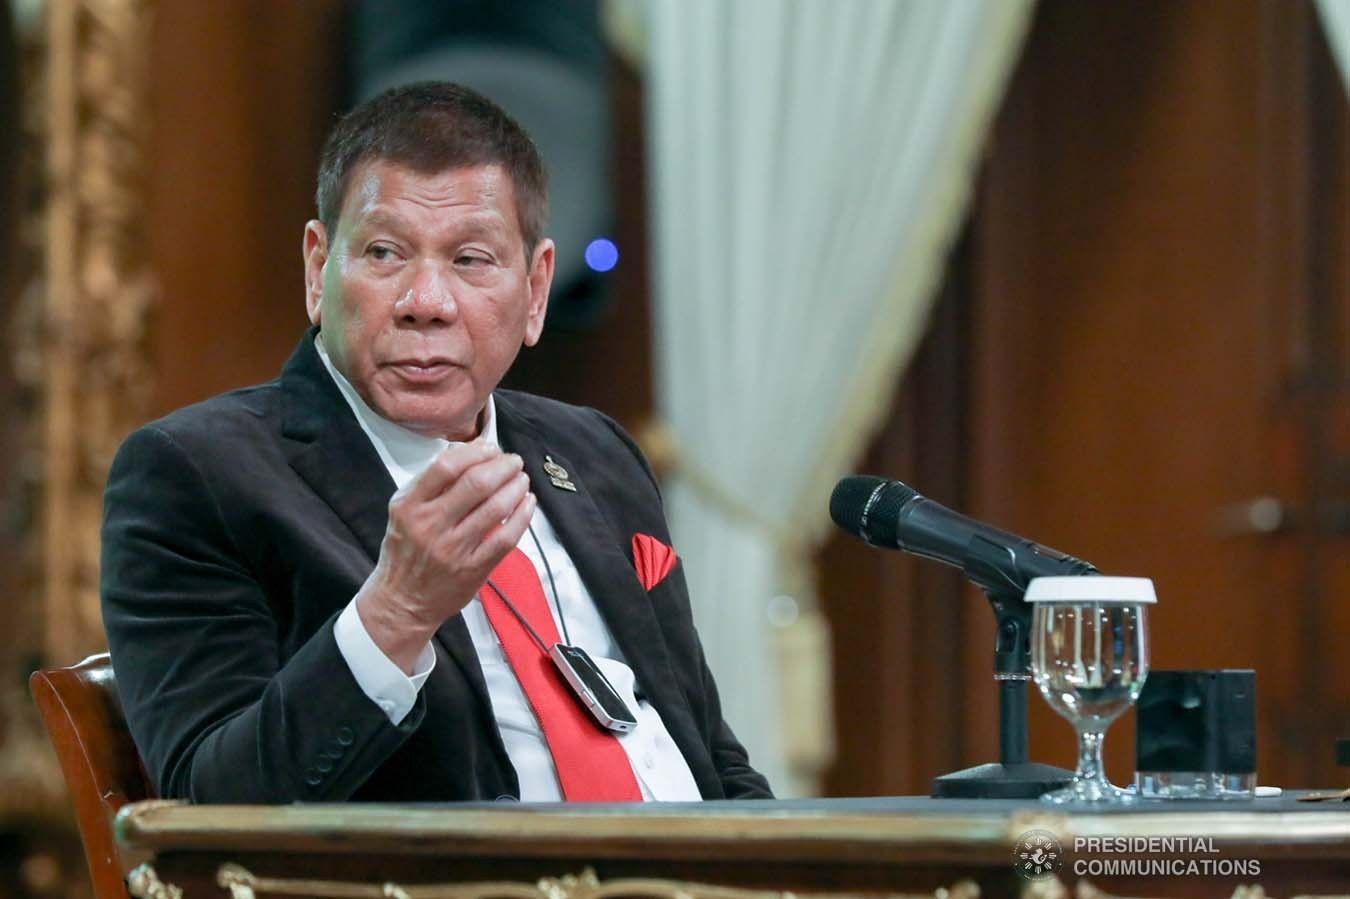 Ensure access to COVID-19 vaccine, Duterte tells APEC